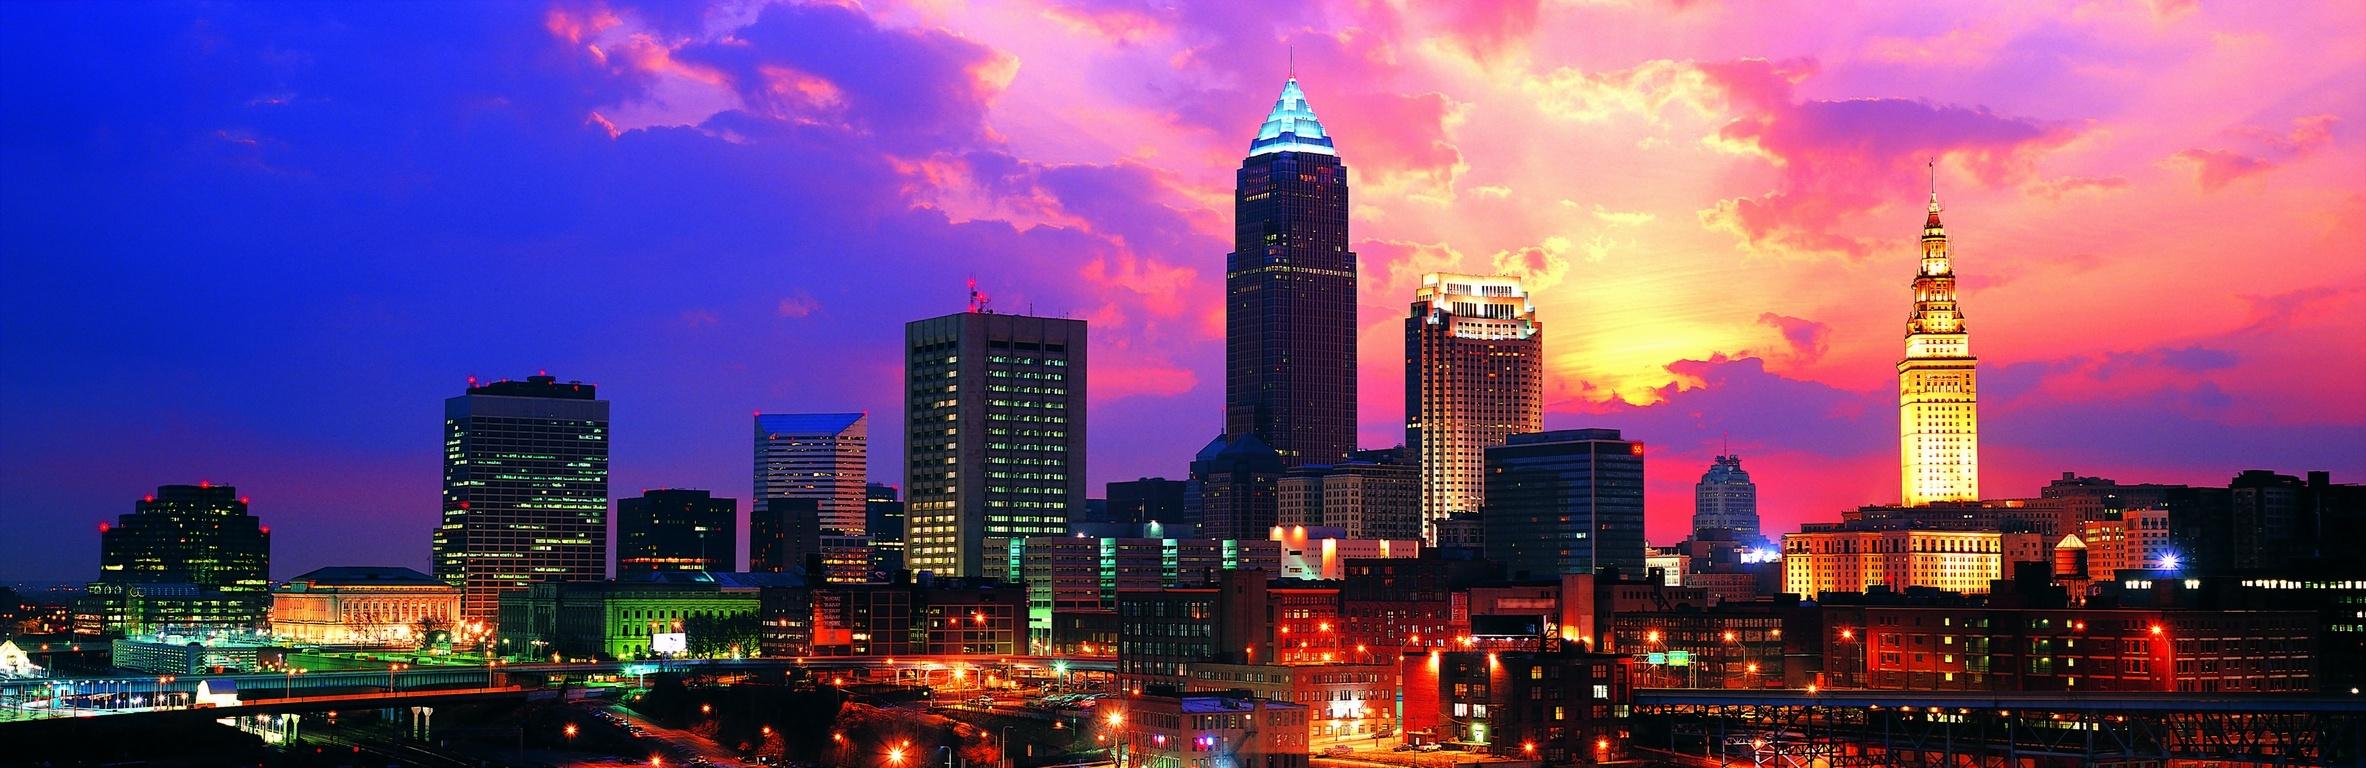 Ņ�景照片美國 Ņ�景圖片的美國城市